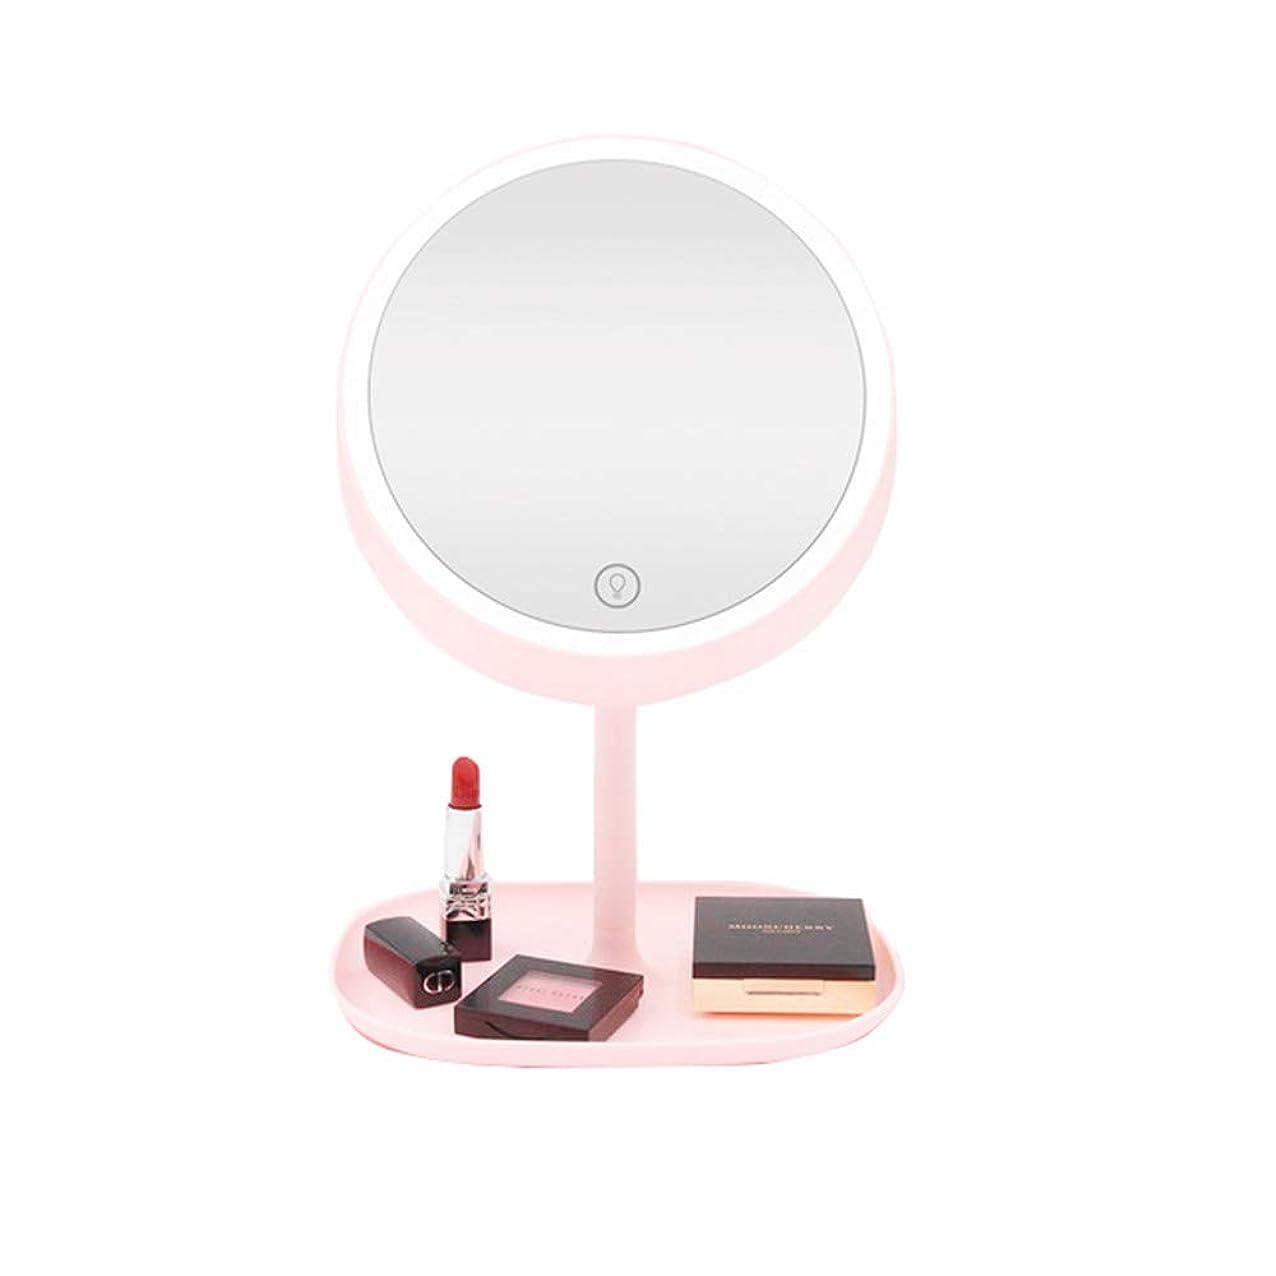 ルーキーその結果保護化粧鏡 LED明るさ調整可能なUSB充電式収納機能